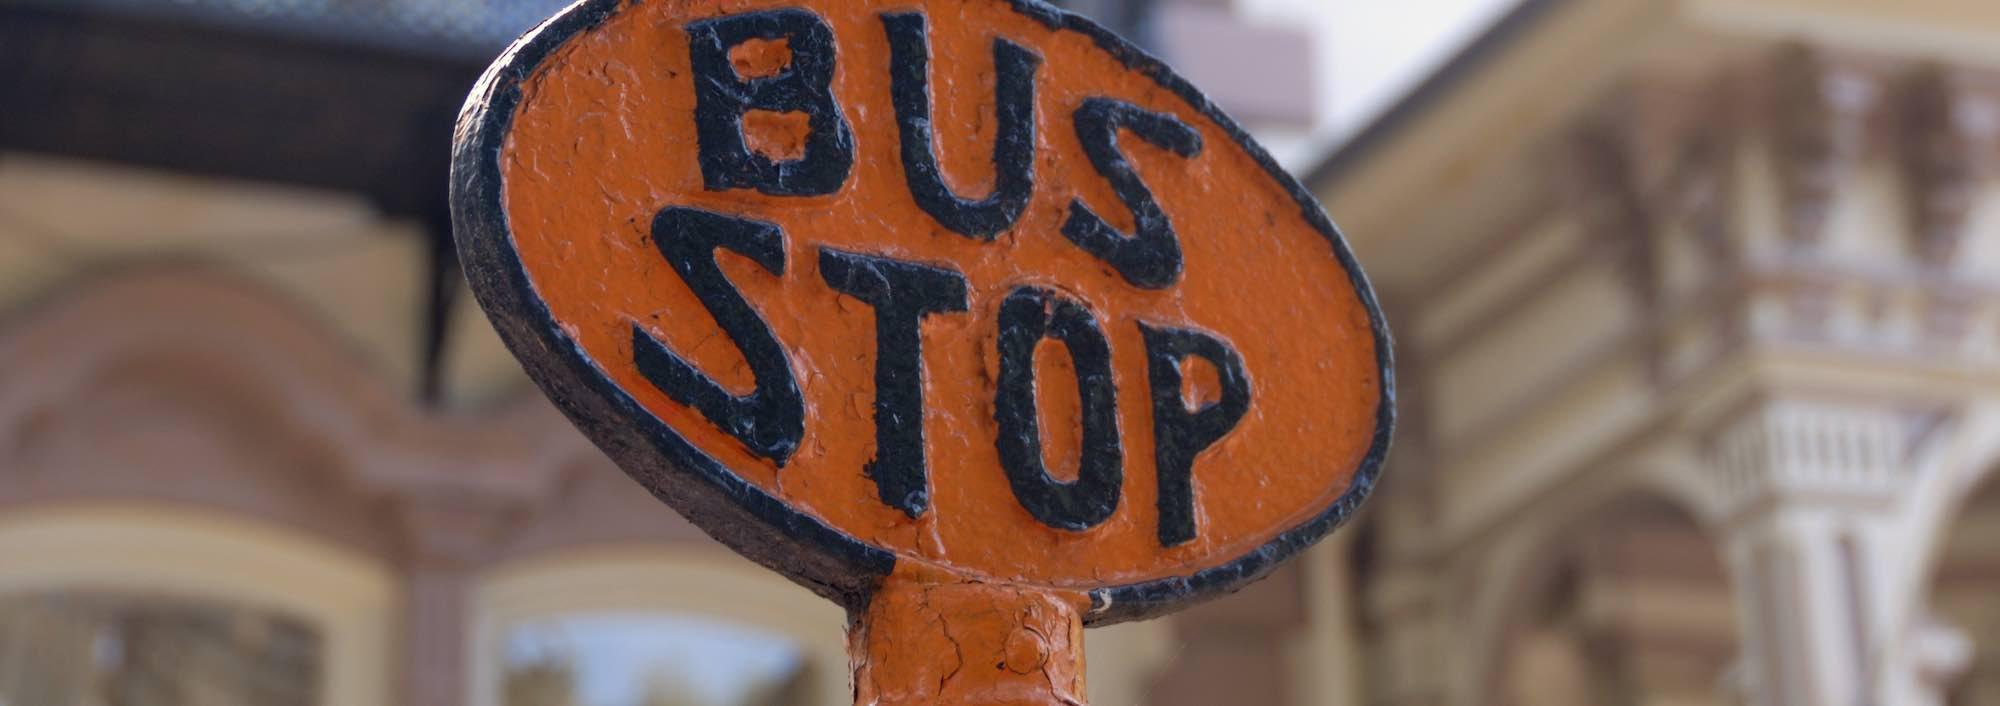 Bus stop sign in Savannah, GA.